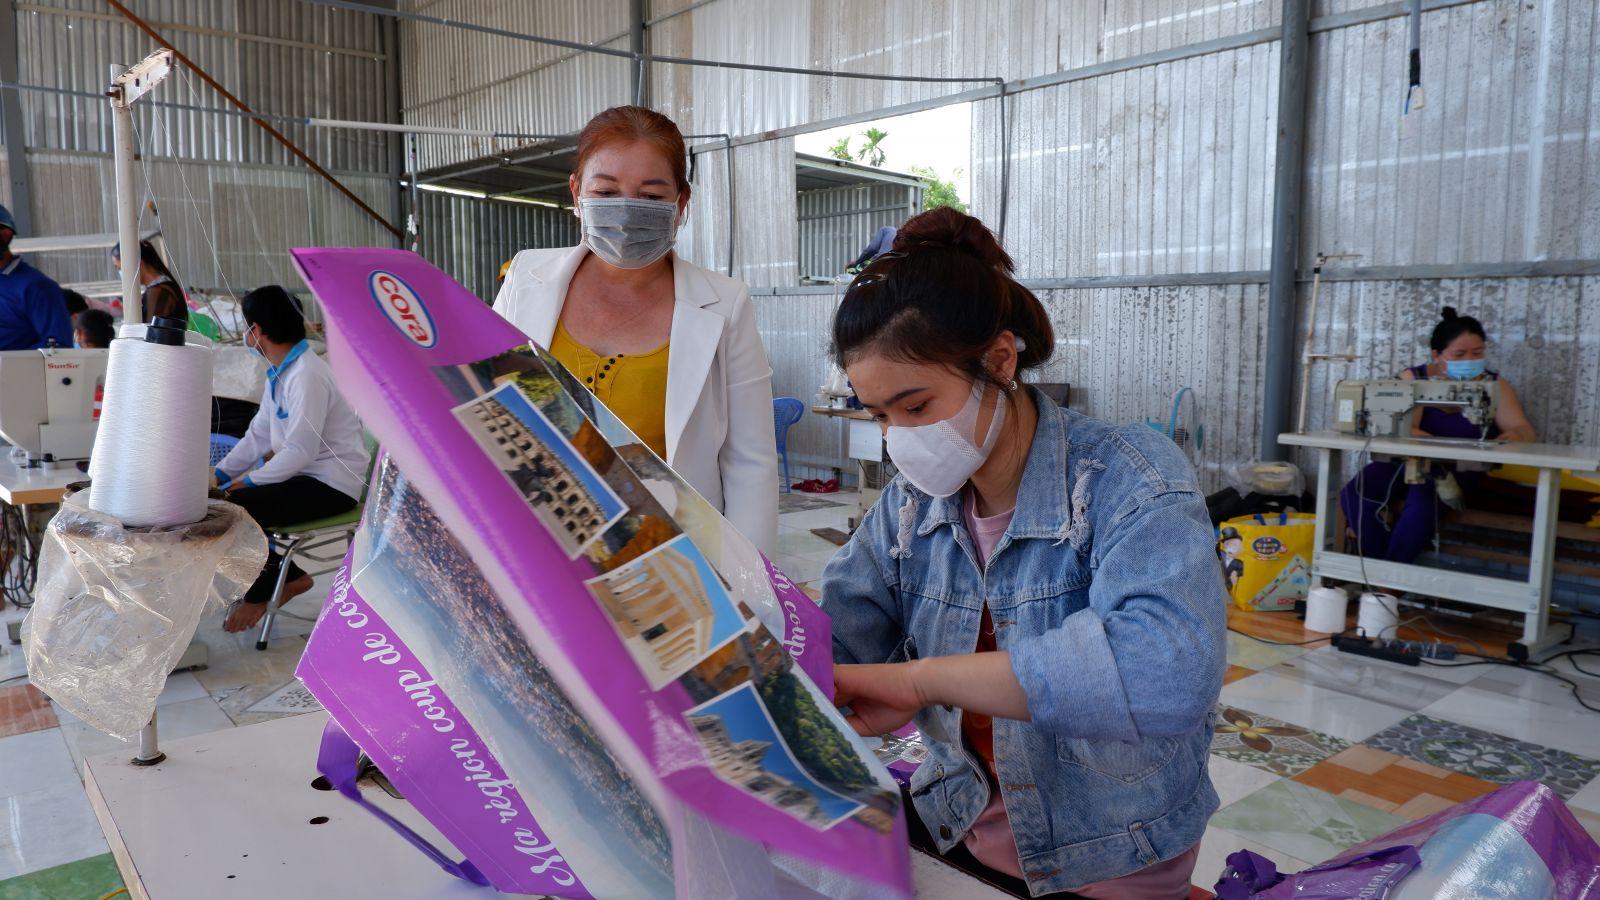 Hợp tác xã Tường Xuyên góp phần giải quyết việc làm cho lao động nhàn rỗi ở địa phương